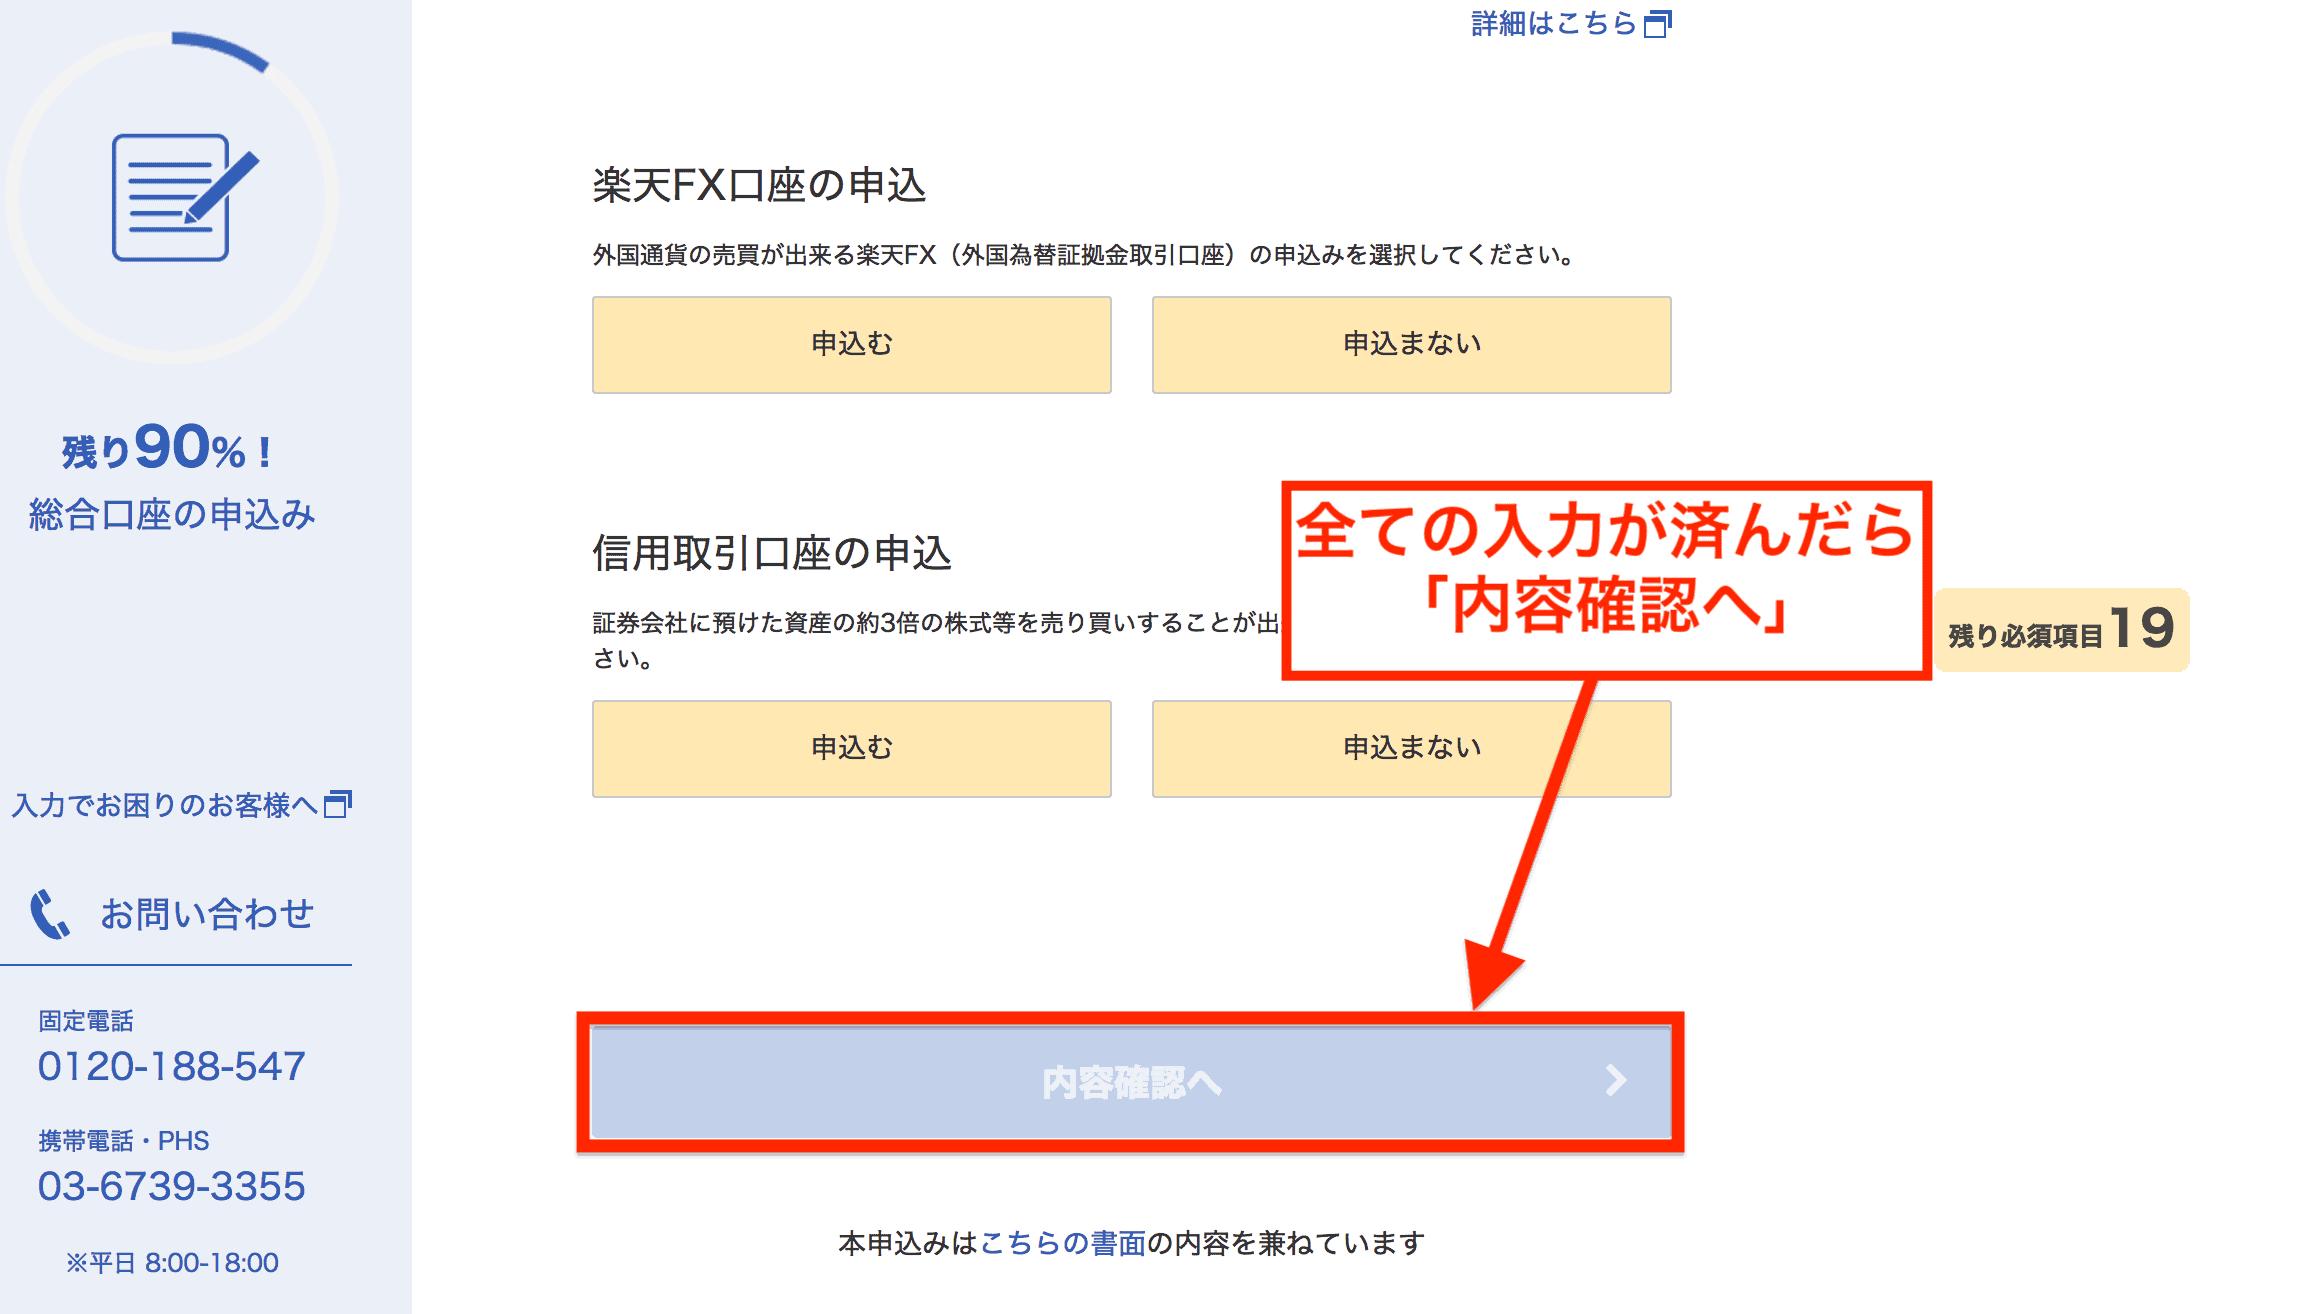 FX口座・信用取引口座の同時口座開設を選ぶ画面